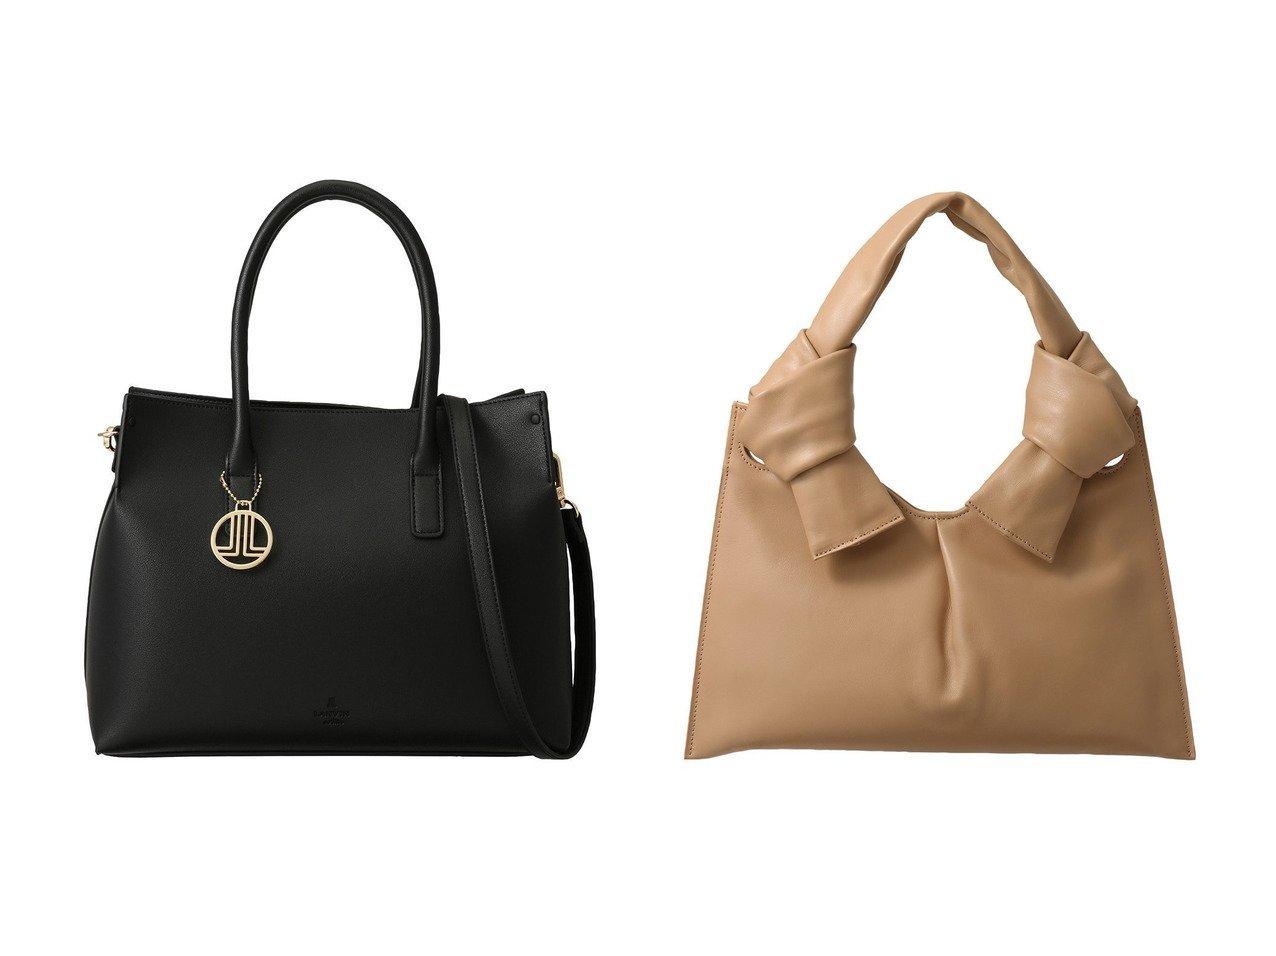 【LANVIN en Bleu/ランバン オン ブルー】のヴィーガンレザートートバッグ&【martinique/マルティニーク】の【LITTLE LIFFNER】KNOT EVENINGバッグ バッグ・鞄のおすすめ!人気トレンド・レディースファッションの通販 おすすめで人気のファッション通販商品 インテリア・家具・キッズファッション・メンズファッション・レディースファッション・服の通販 founy(ファニー) https://founy.com/ ファッション Fashion レディース WOMEN バッグ Bag ショルダー シンプル チャーム モチーフ なめらか ハンドバッグ パーティ |ID:crp329100000006579